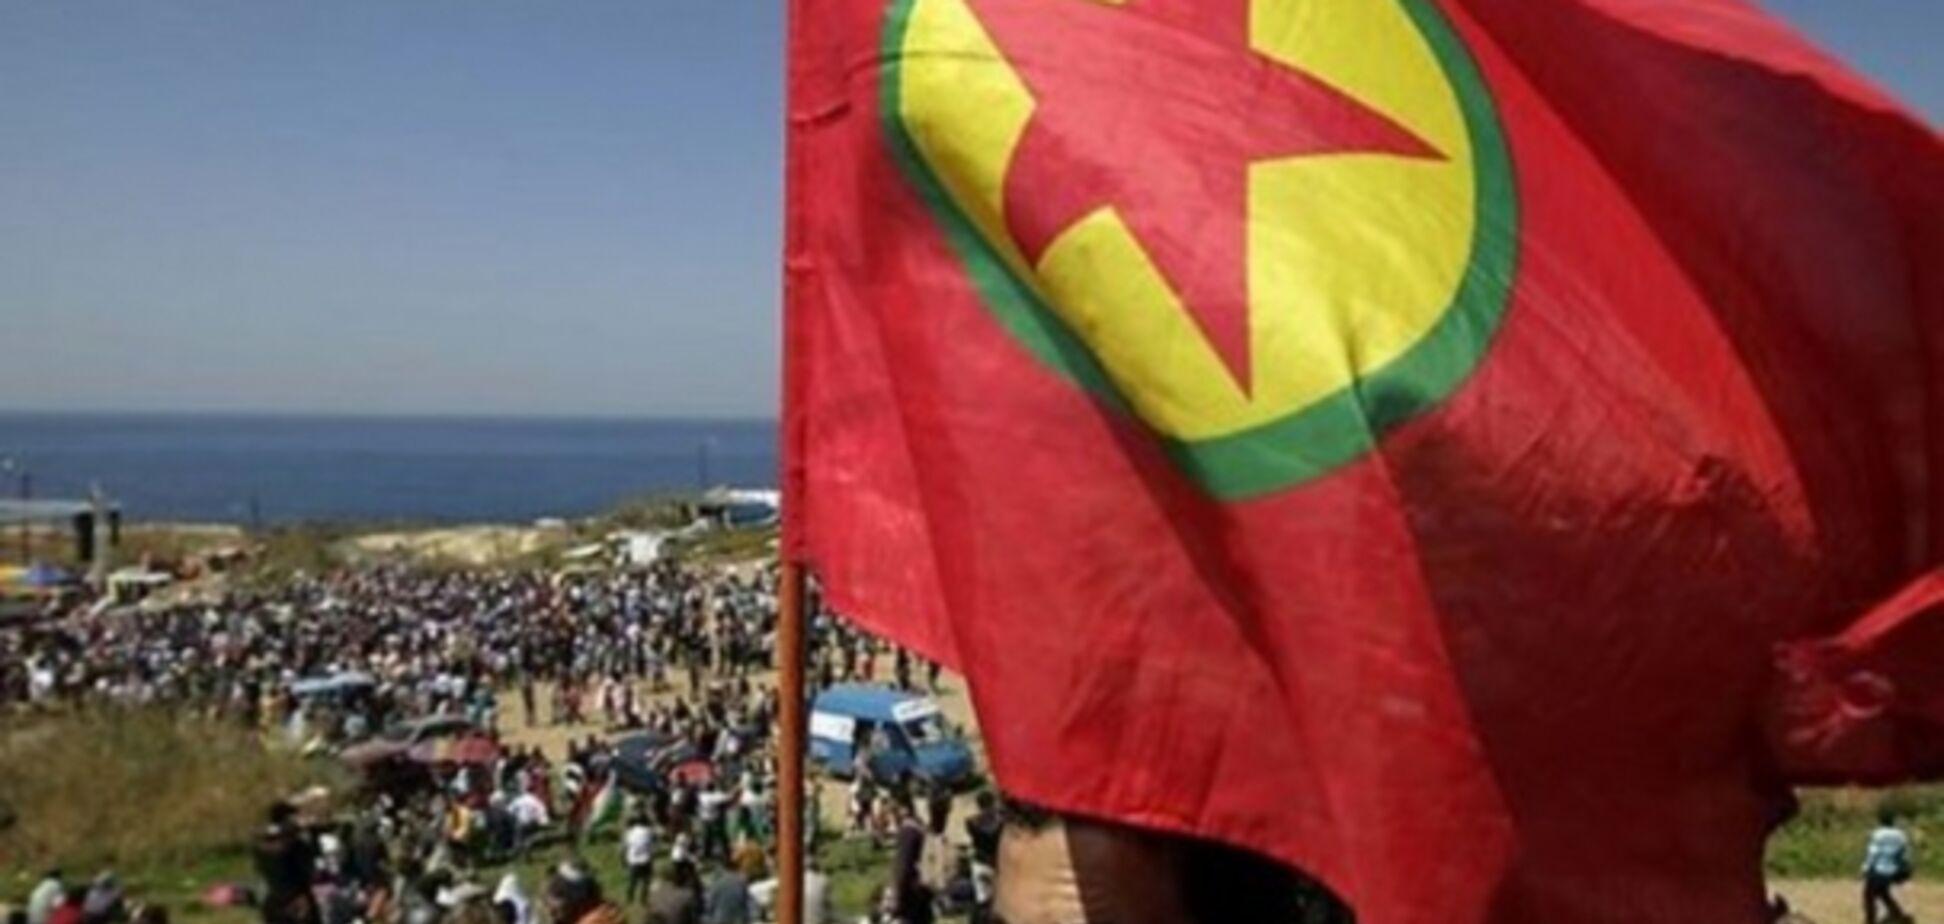 Не заради помідор: міжнародник розповів, як Росія використовує курдів проти Туреччини